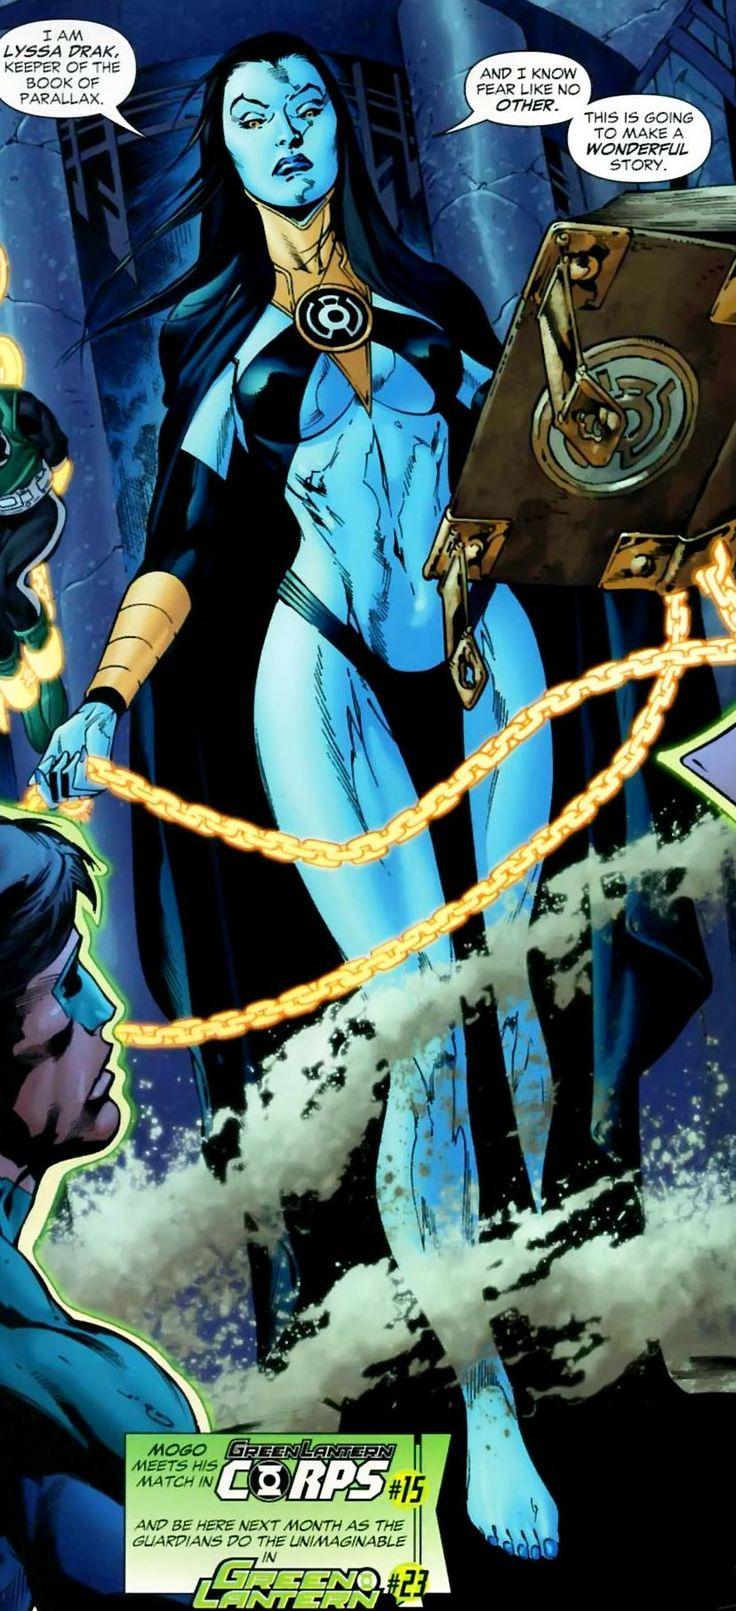 Lyssa Drak - Green Lantern Wiki - DC Comics, Hal Jordan, Green Lantern Corps